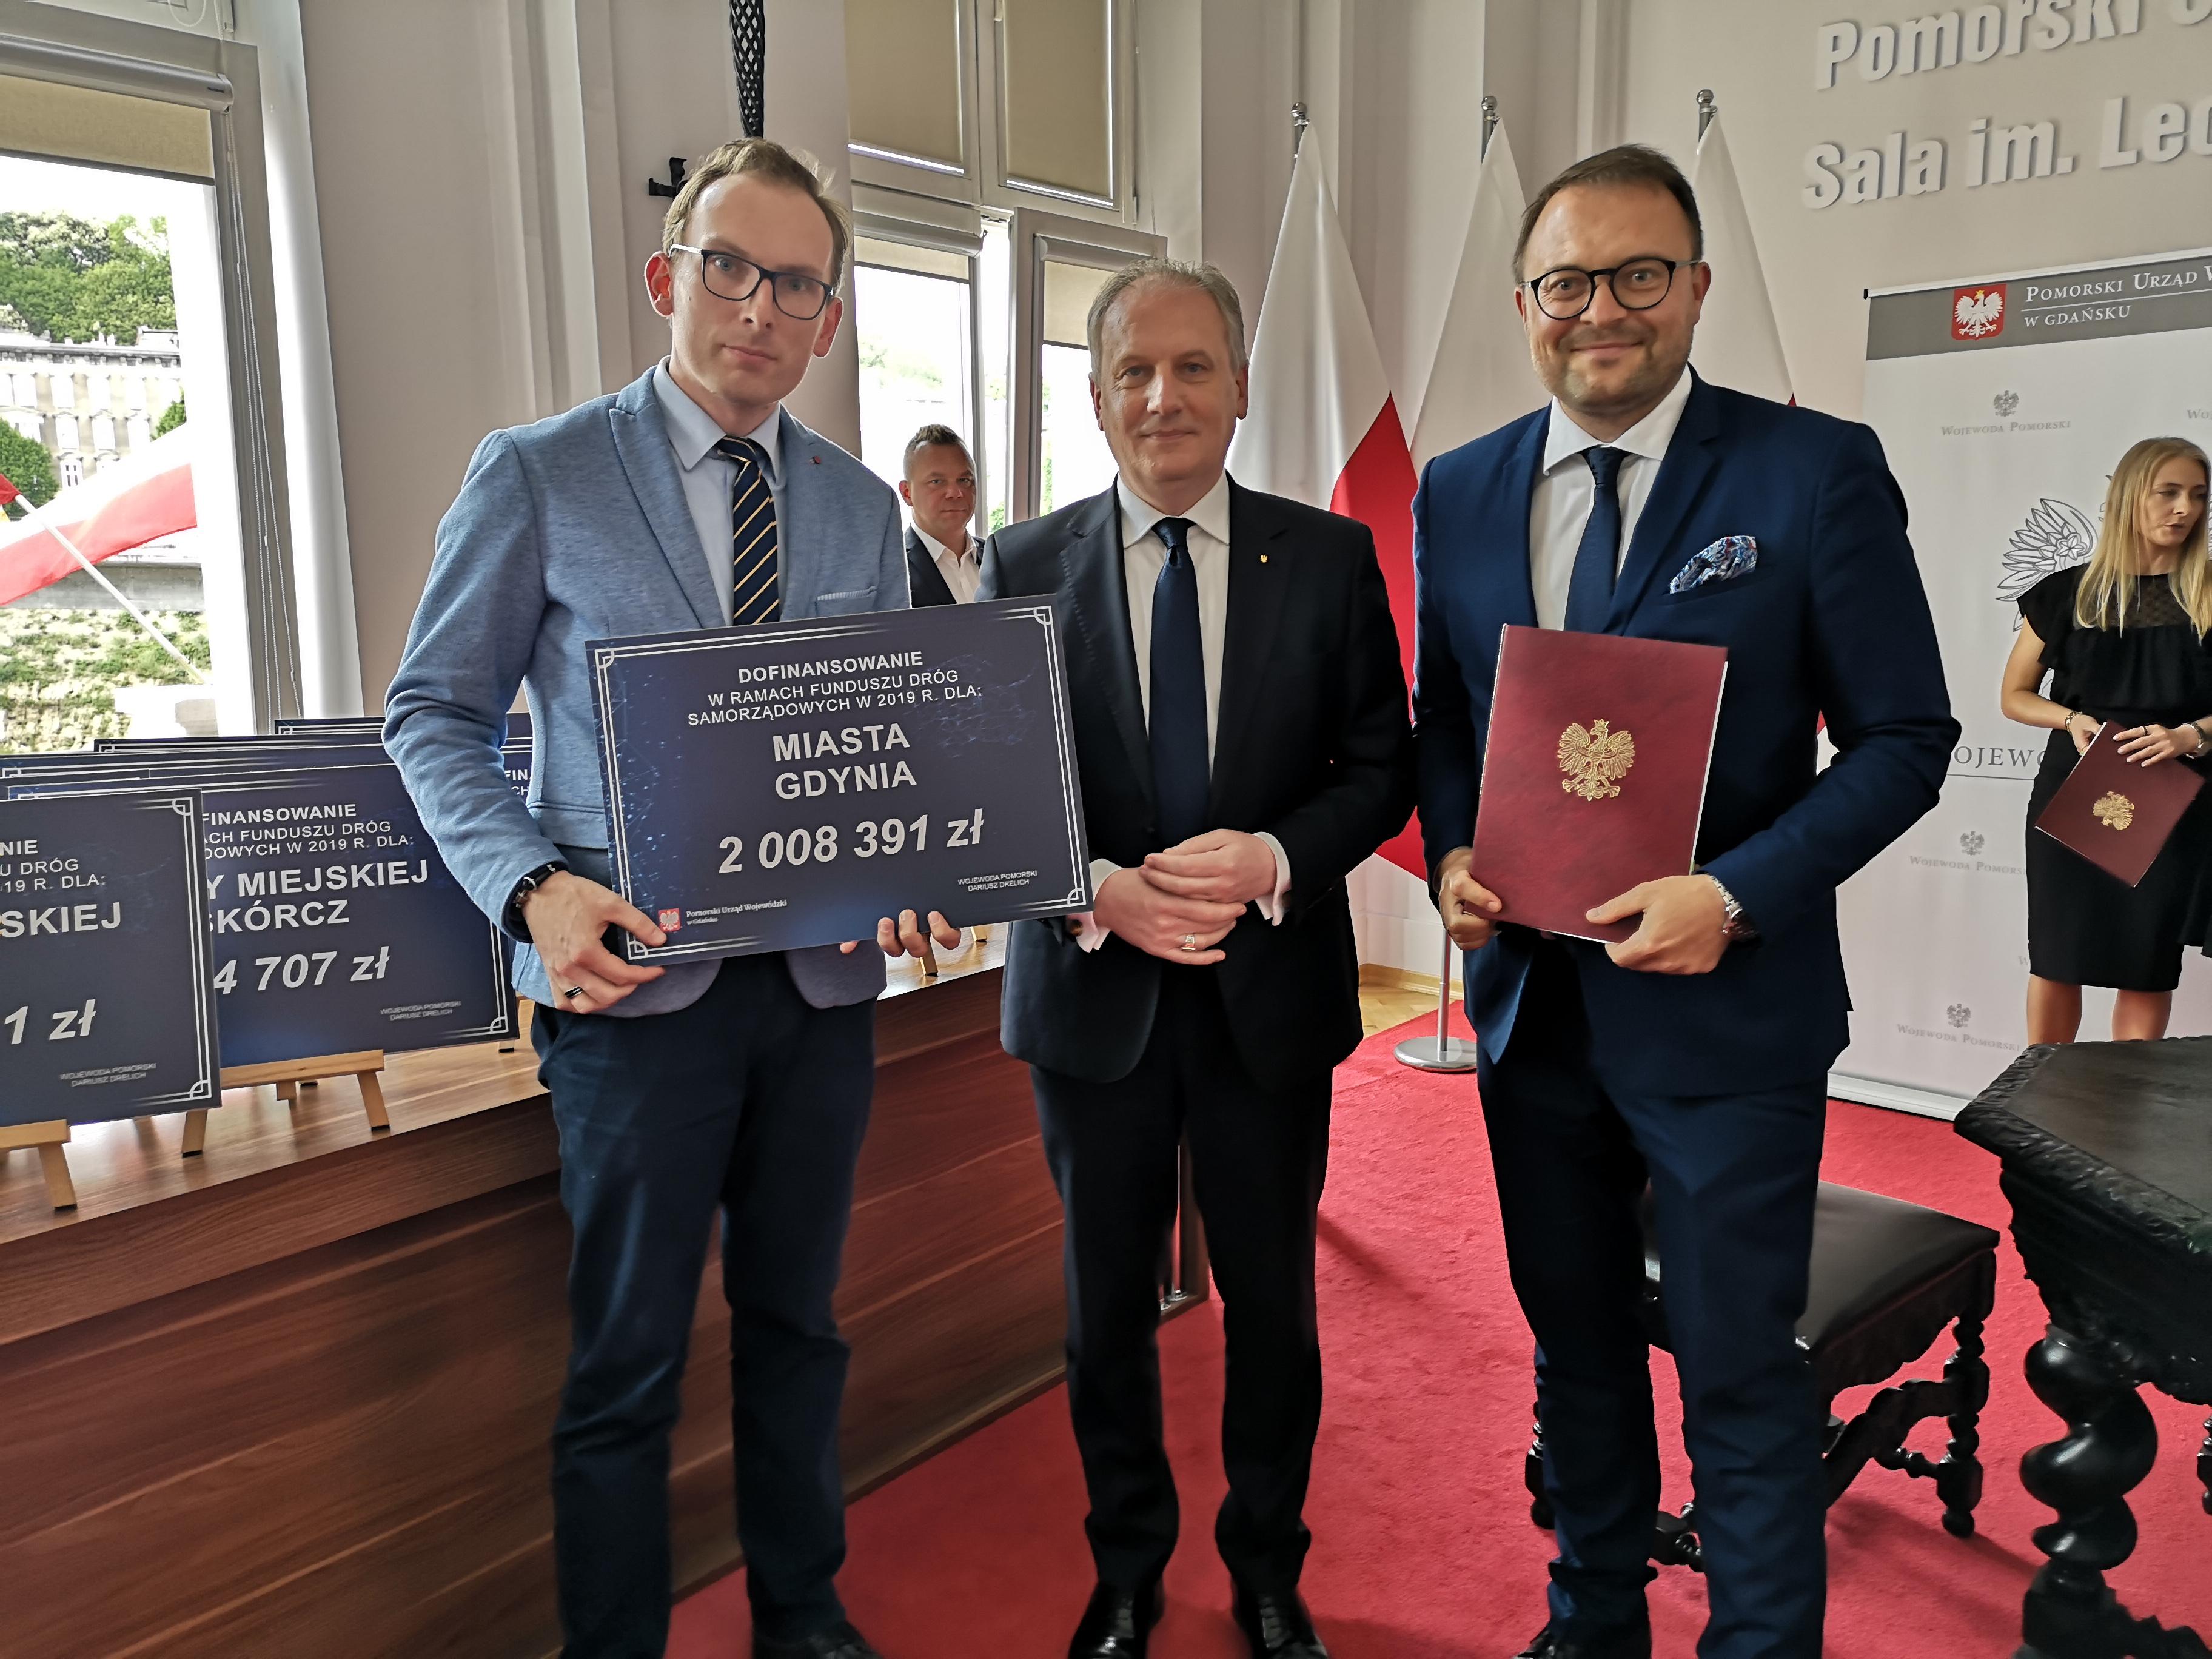 fot. materiały Urzędu Wojewódzkiego w Gdańsku